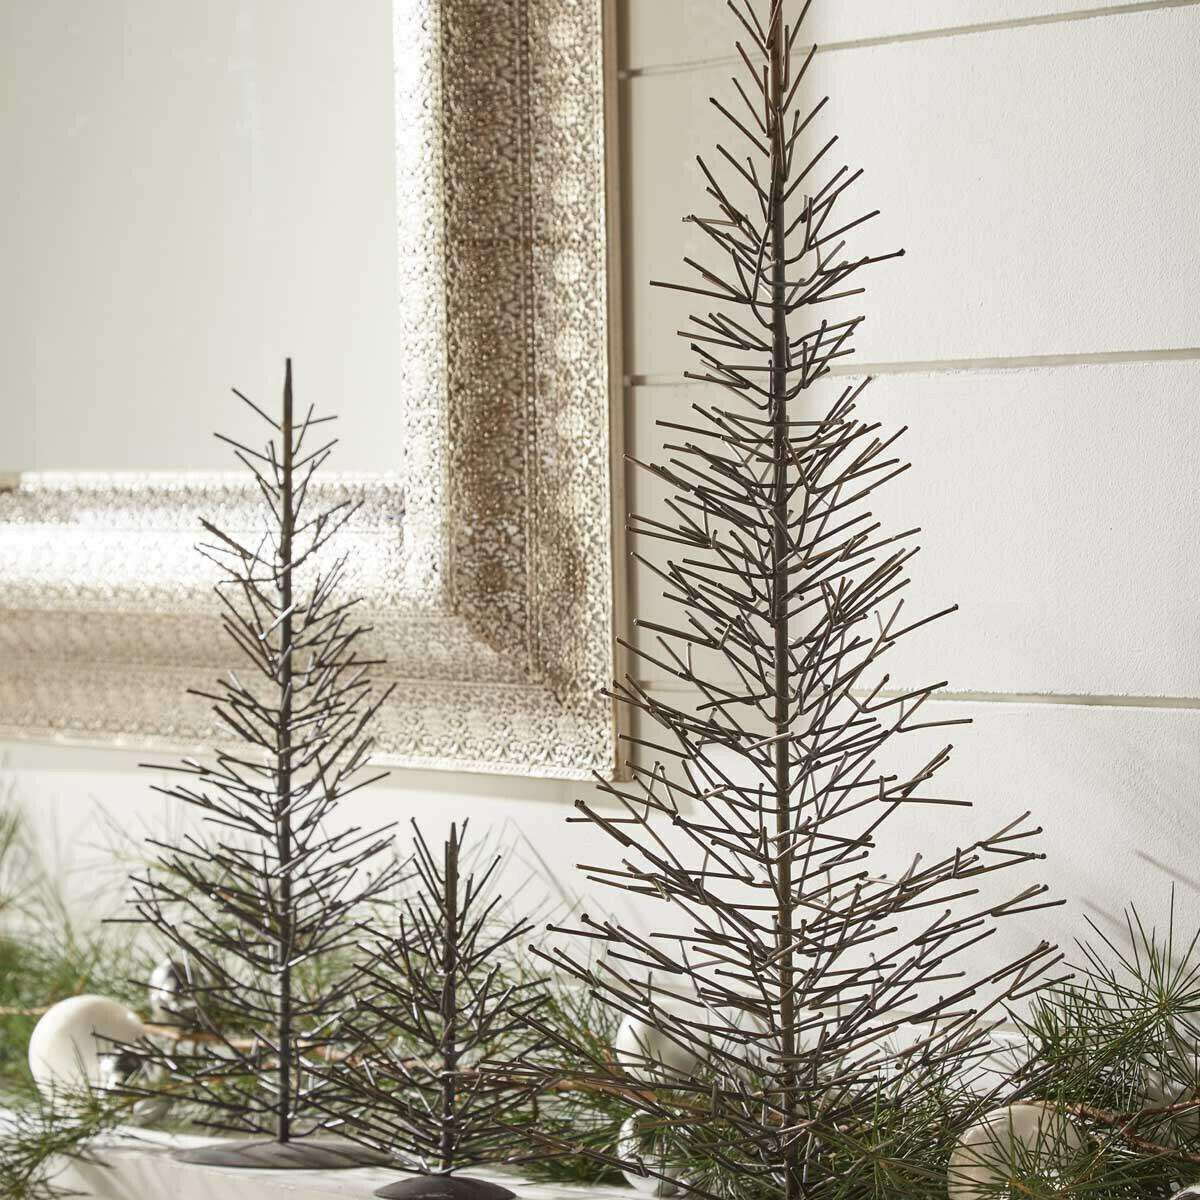 Medium Natural Metal Tree